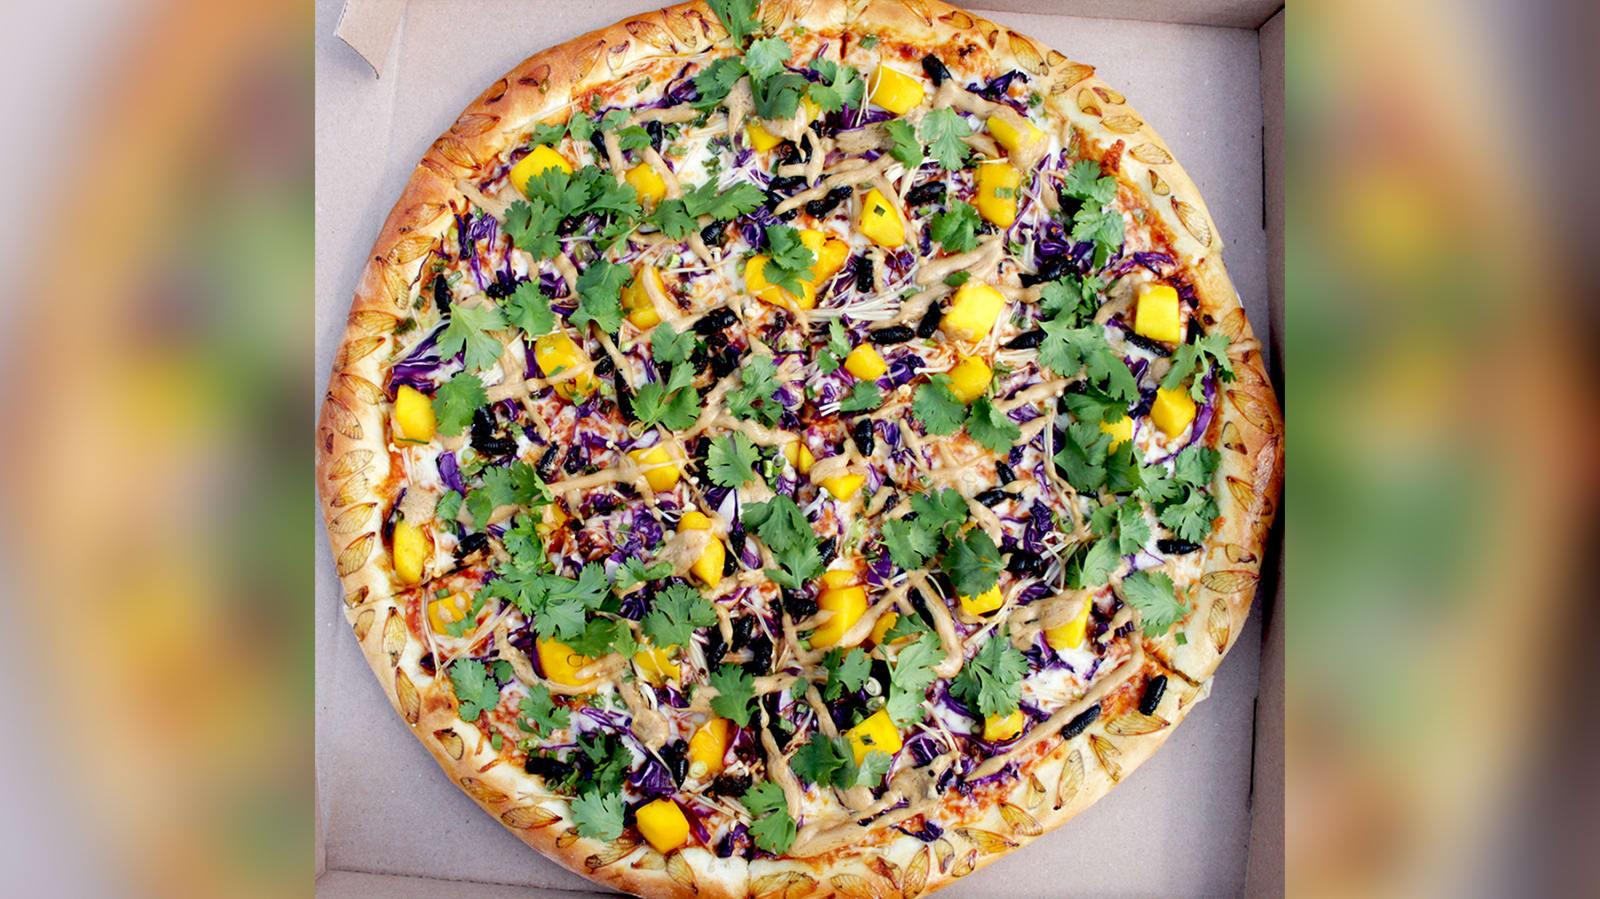 هل تجربه؟ مطعم بأمريكا يختبر طبق بيتزا يتزين بحشرات السيكادا